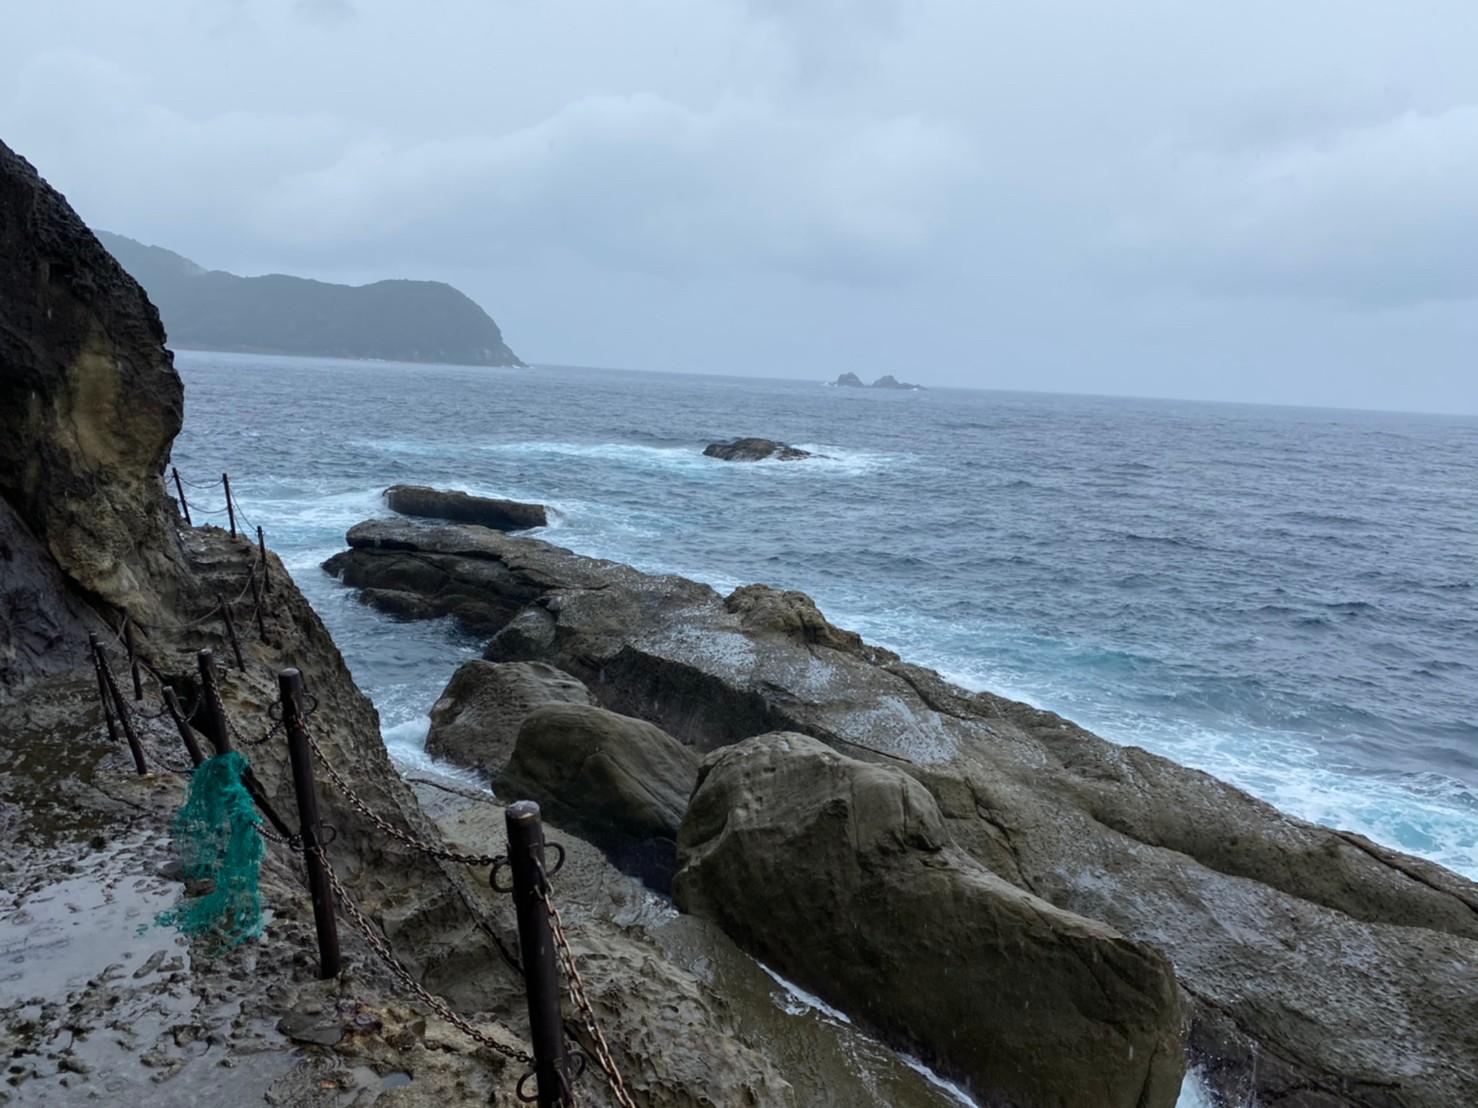 【三重県熊野市】『鬼ヶ城』の海釣りガイド(釣れる魚・駐車場・トイレ)